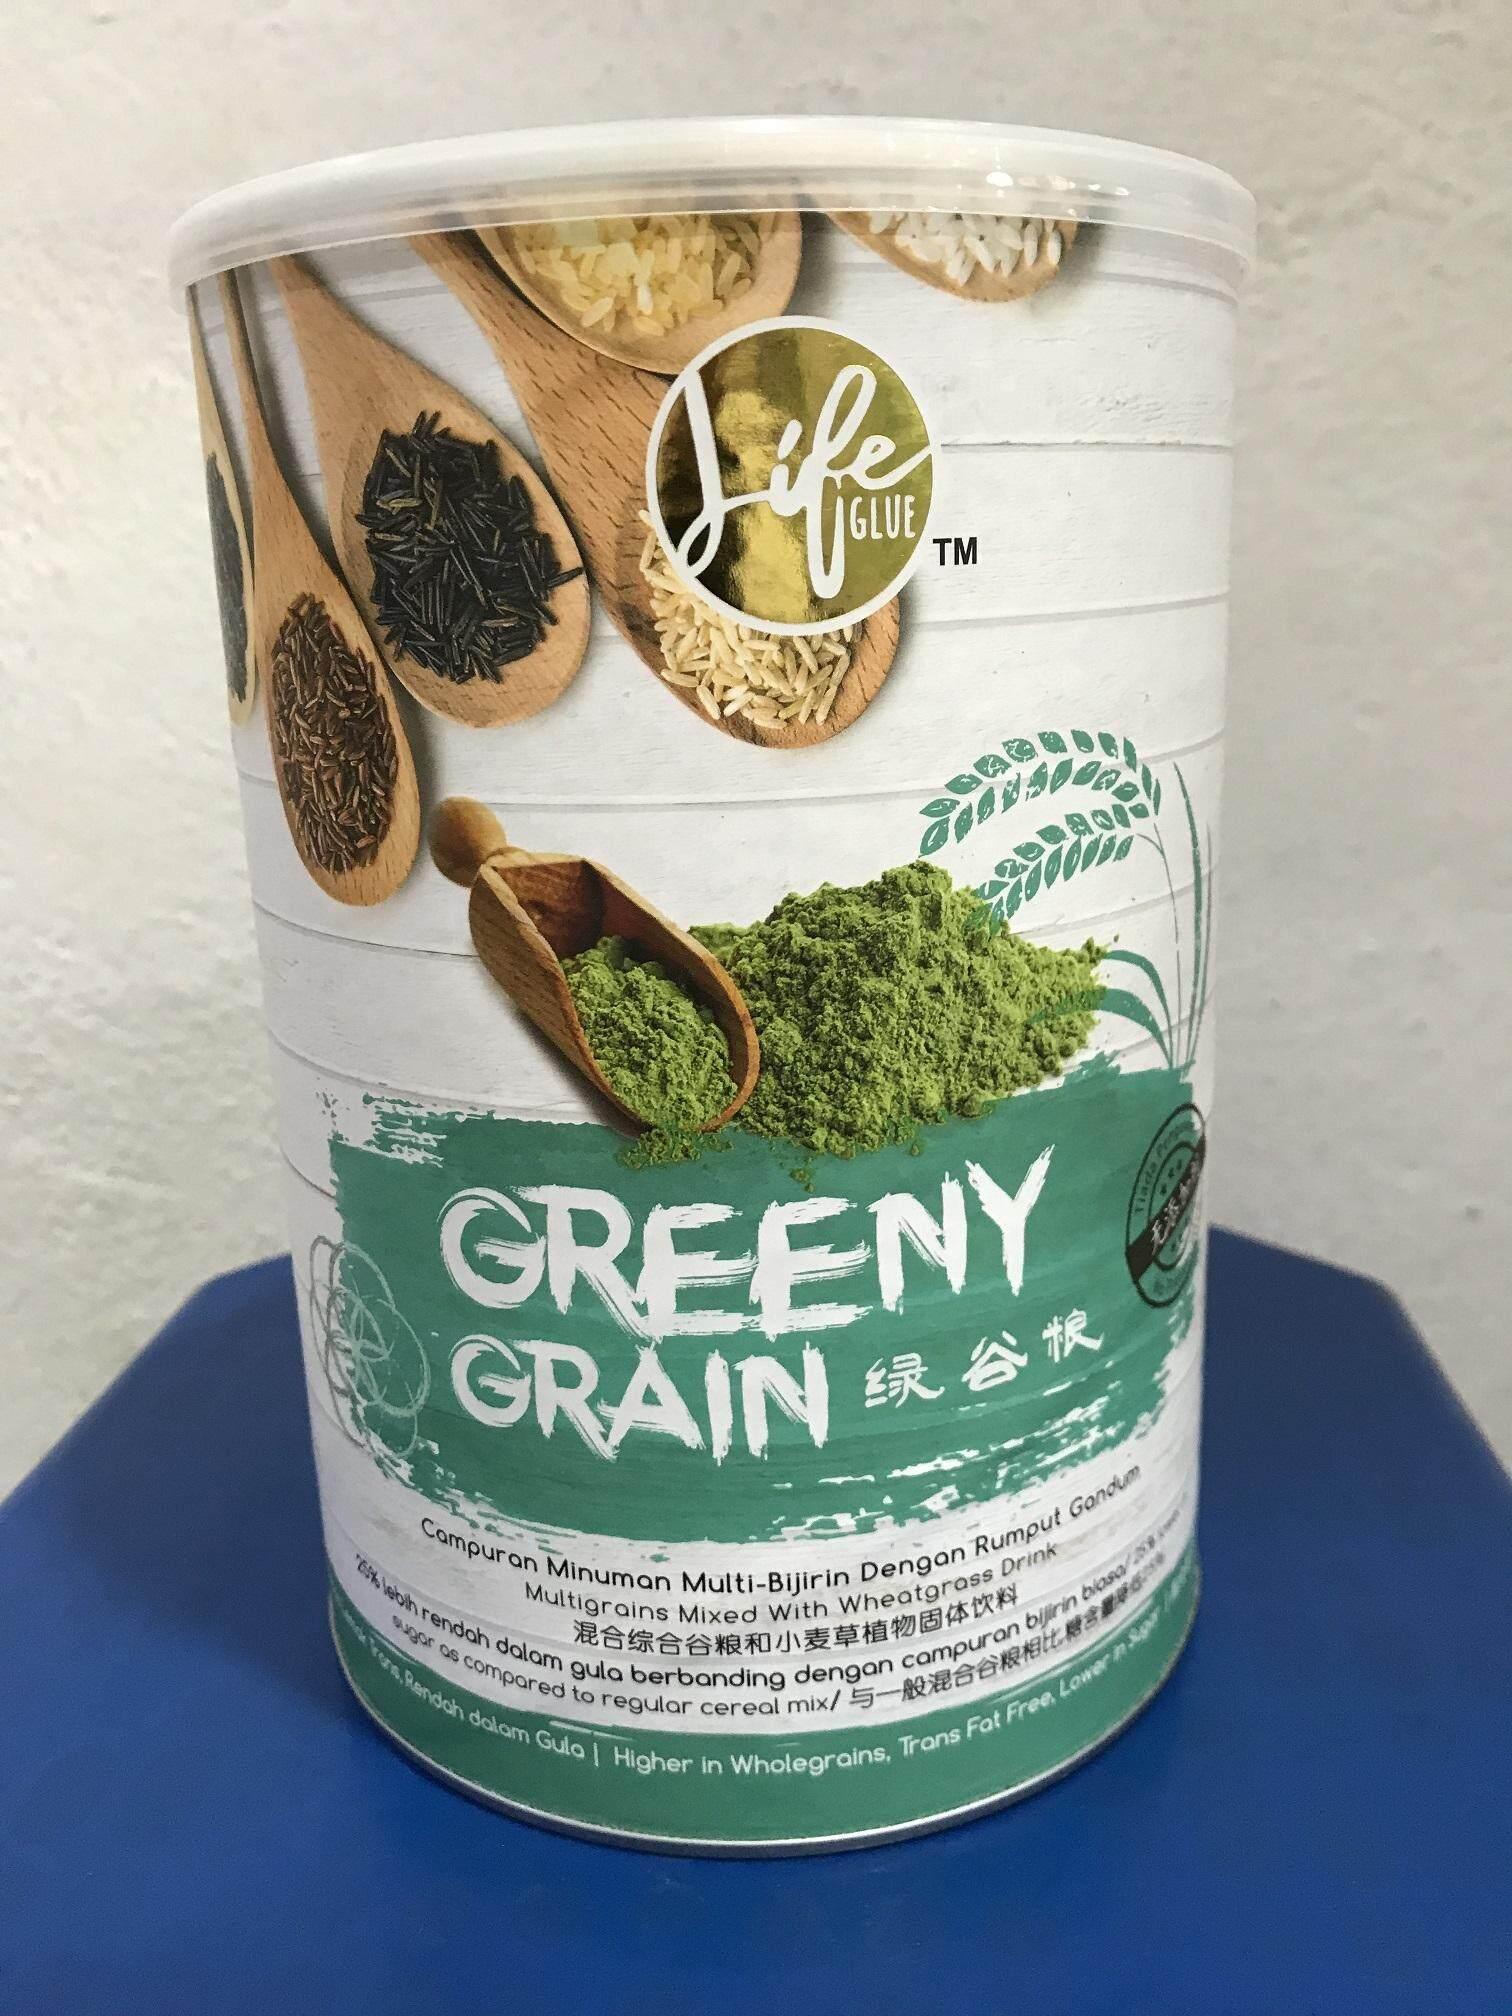 Sumaco Lifeglue Greeny Grain 1kg exp: 6/2021